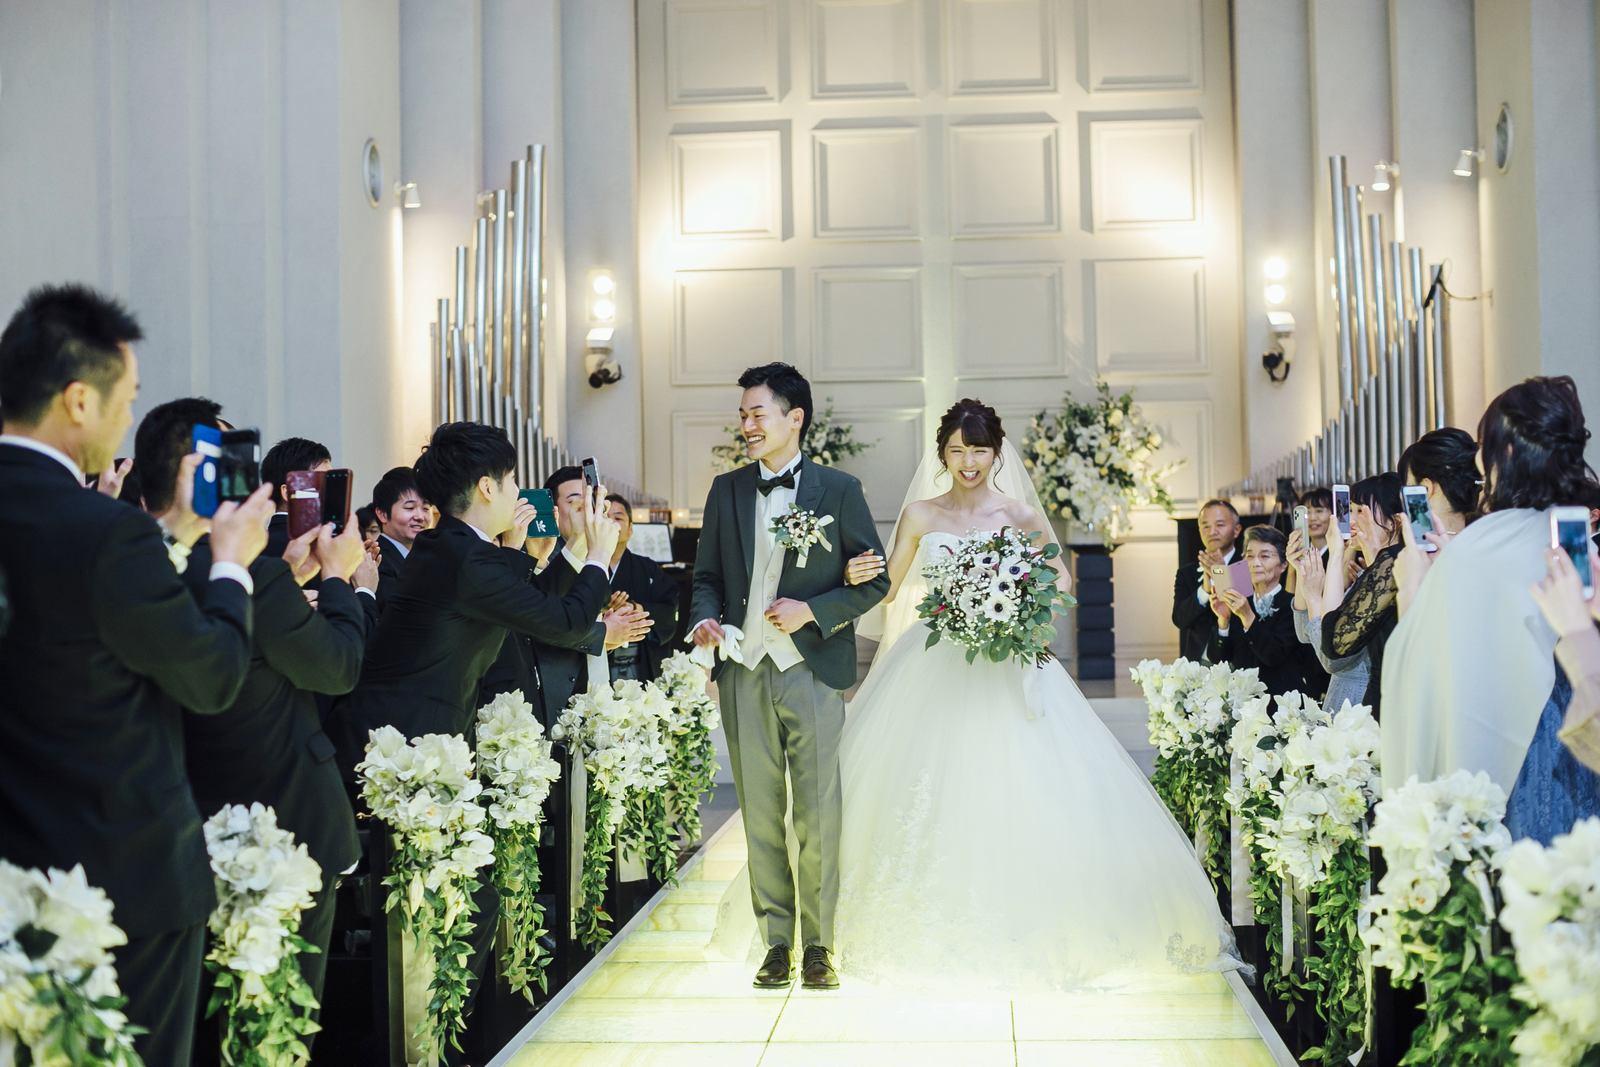 香川県の結婚式場シェルエメール&アイスタイルの挙式退場